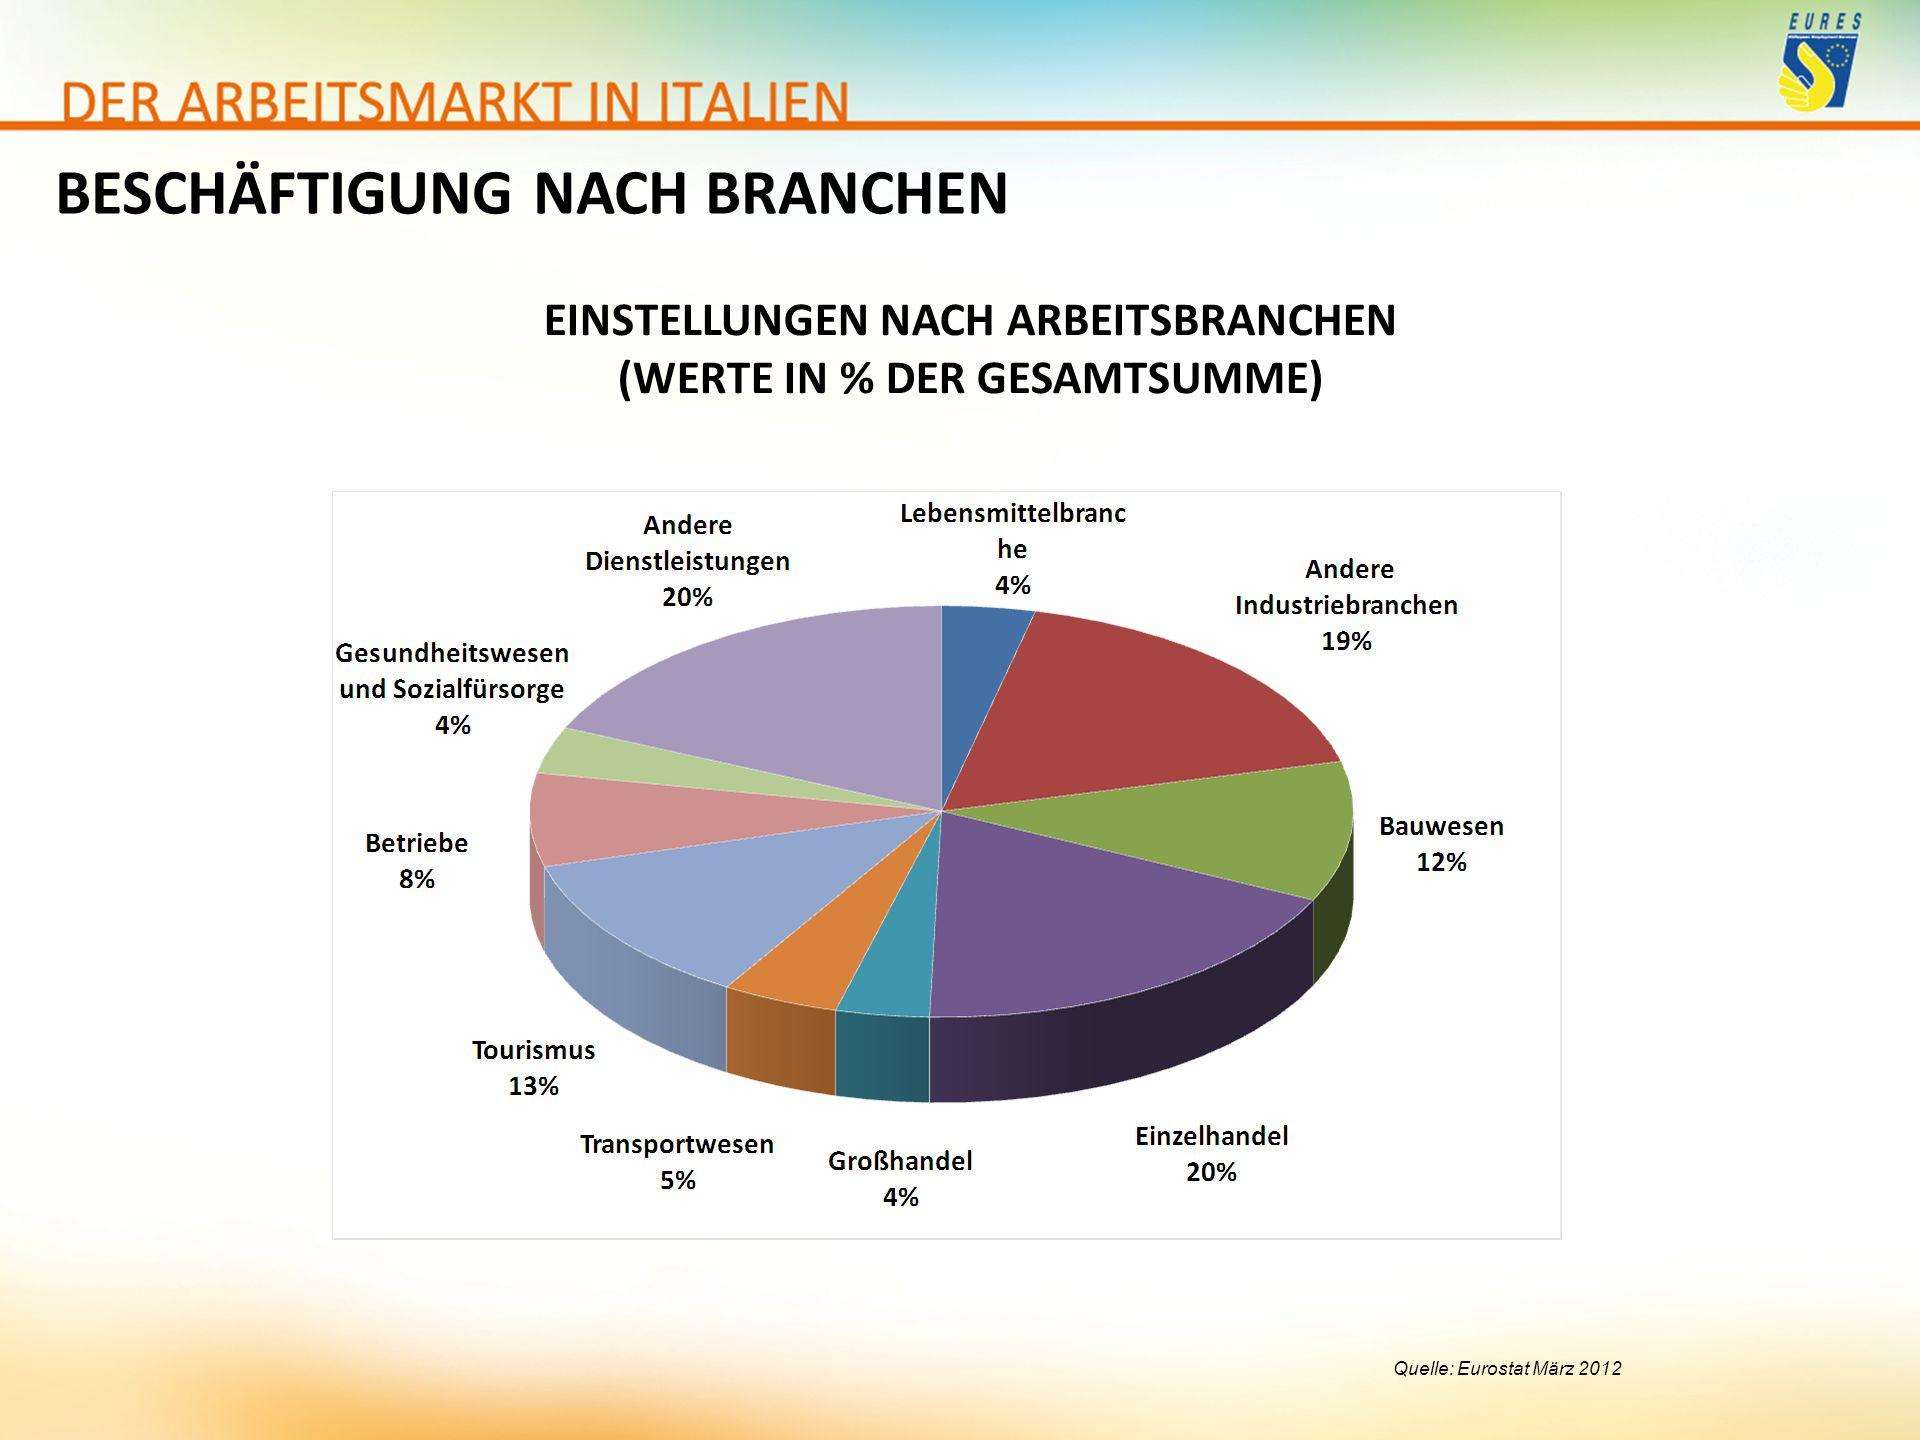 BESCHÄFTIGUNG NACH BRANCHEN Quelle: Eurostat März 2012 EINSTELLUNGEN NACH ARBEITSBRANCHEN (WERTE IN % DER GESAMTSUMME)